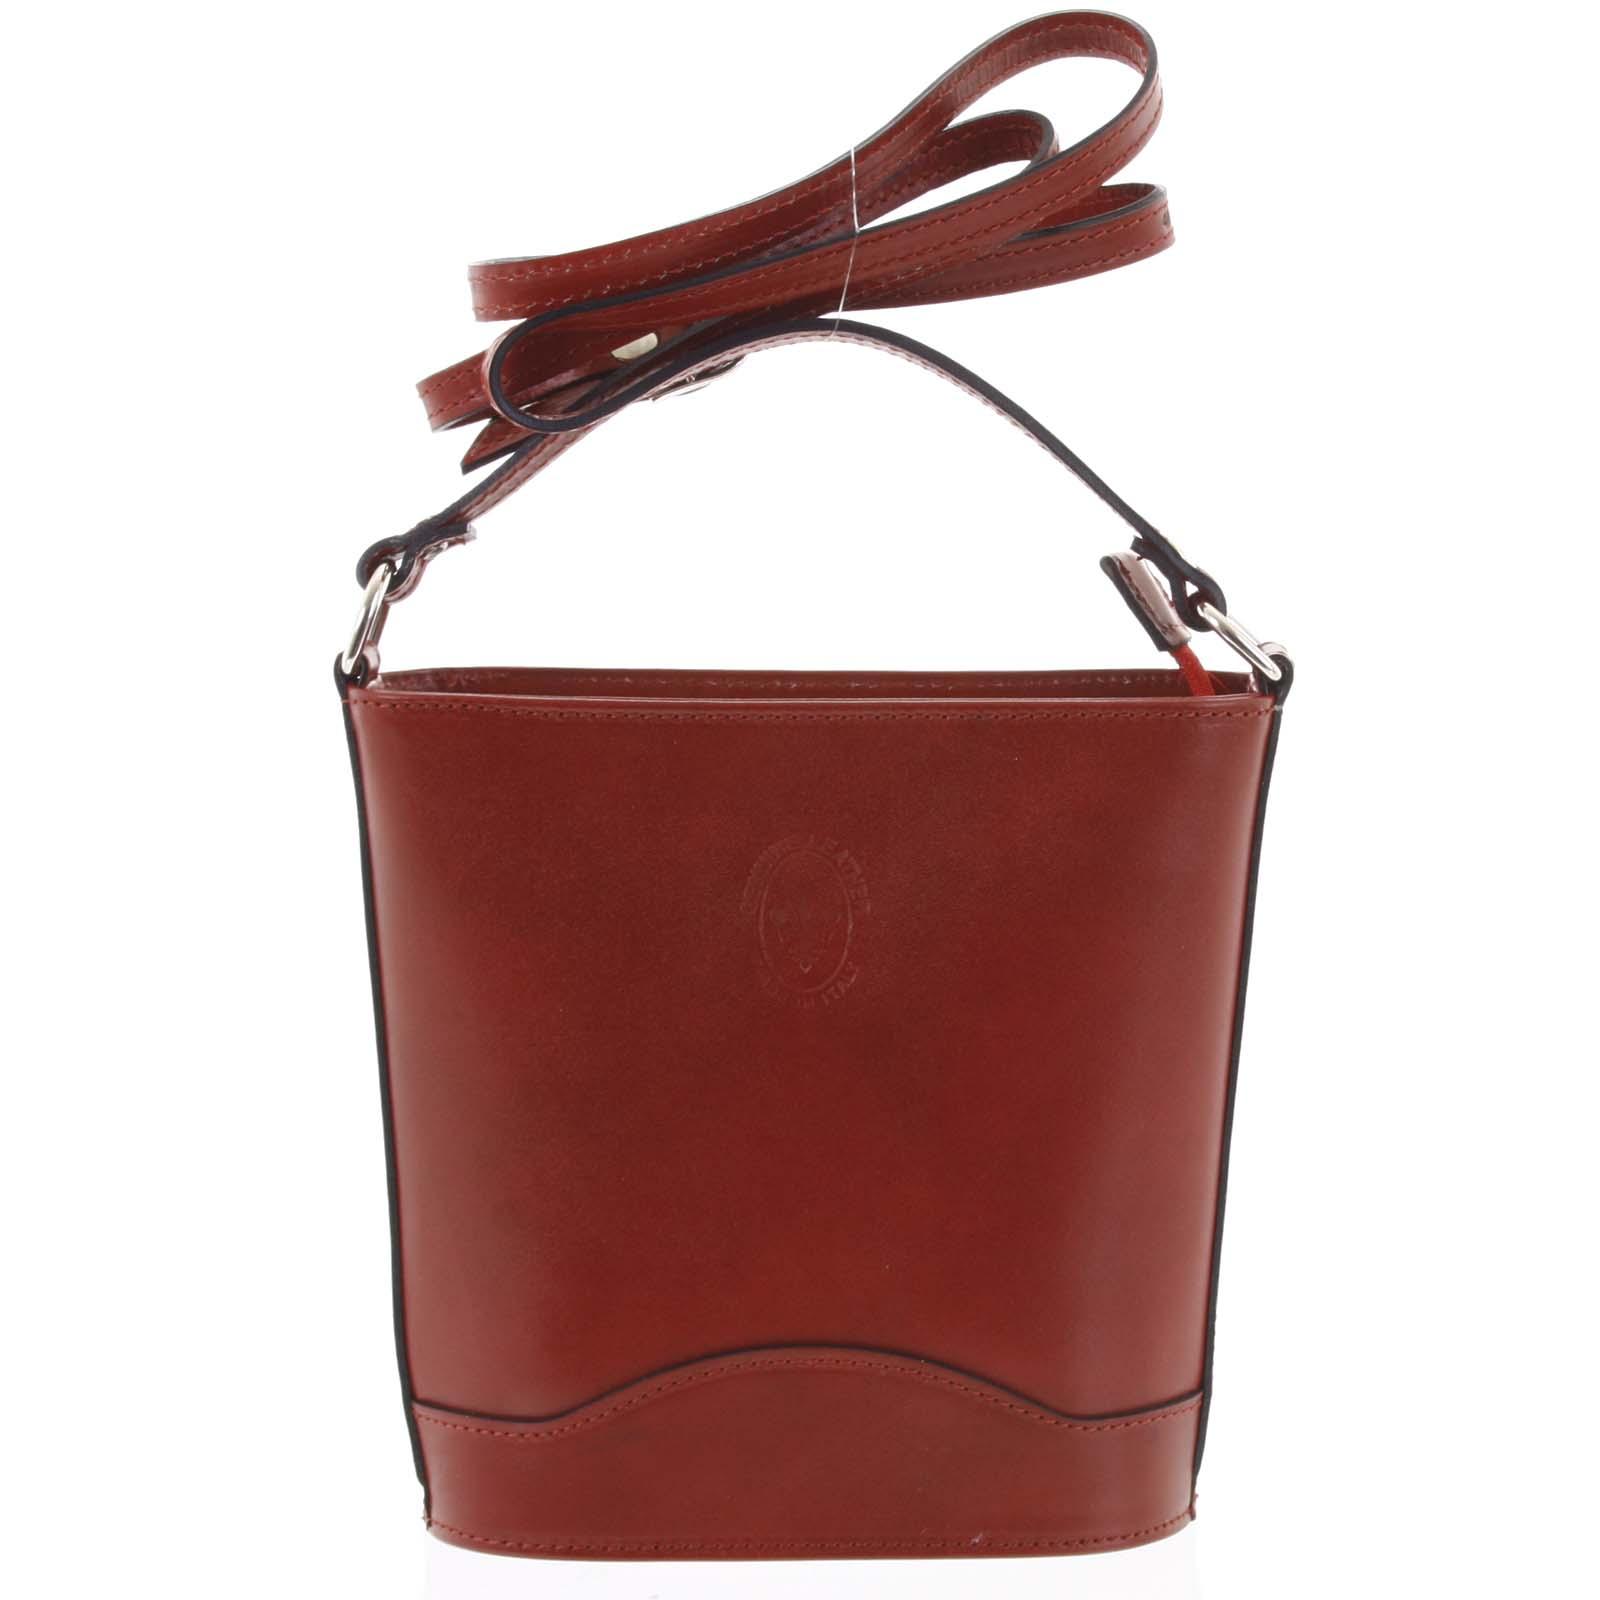 Červená kožená crossbody kabelka ItalY Bryana Dark